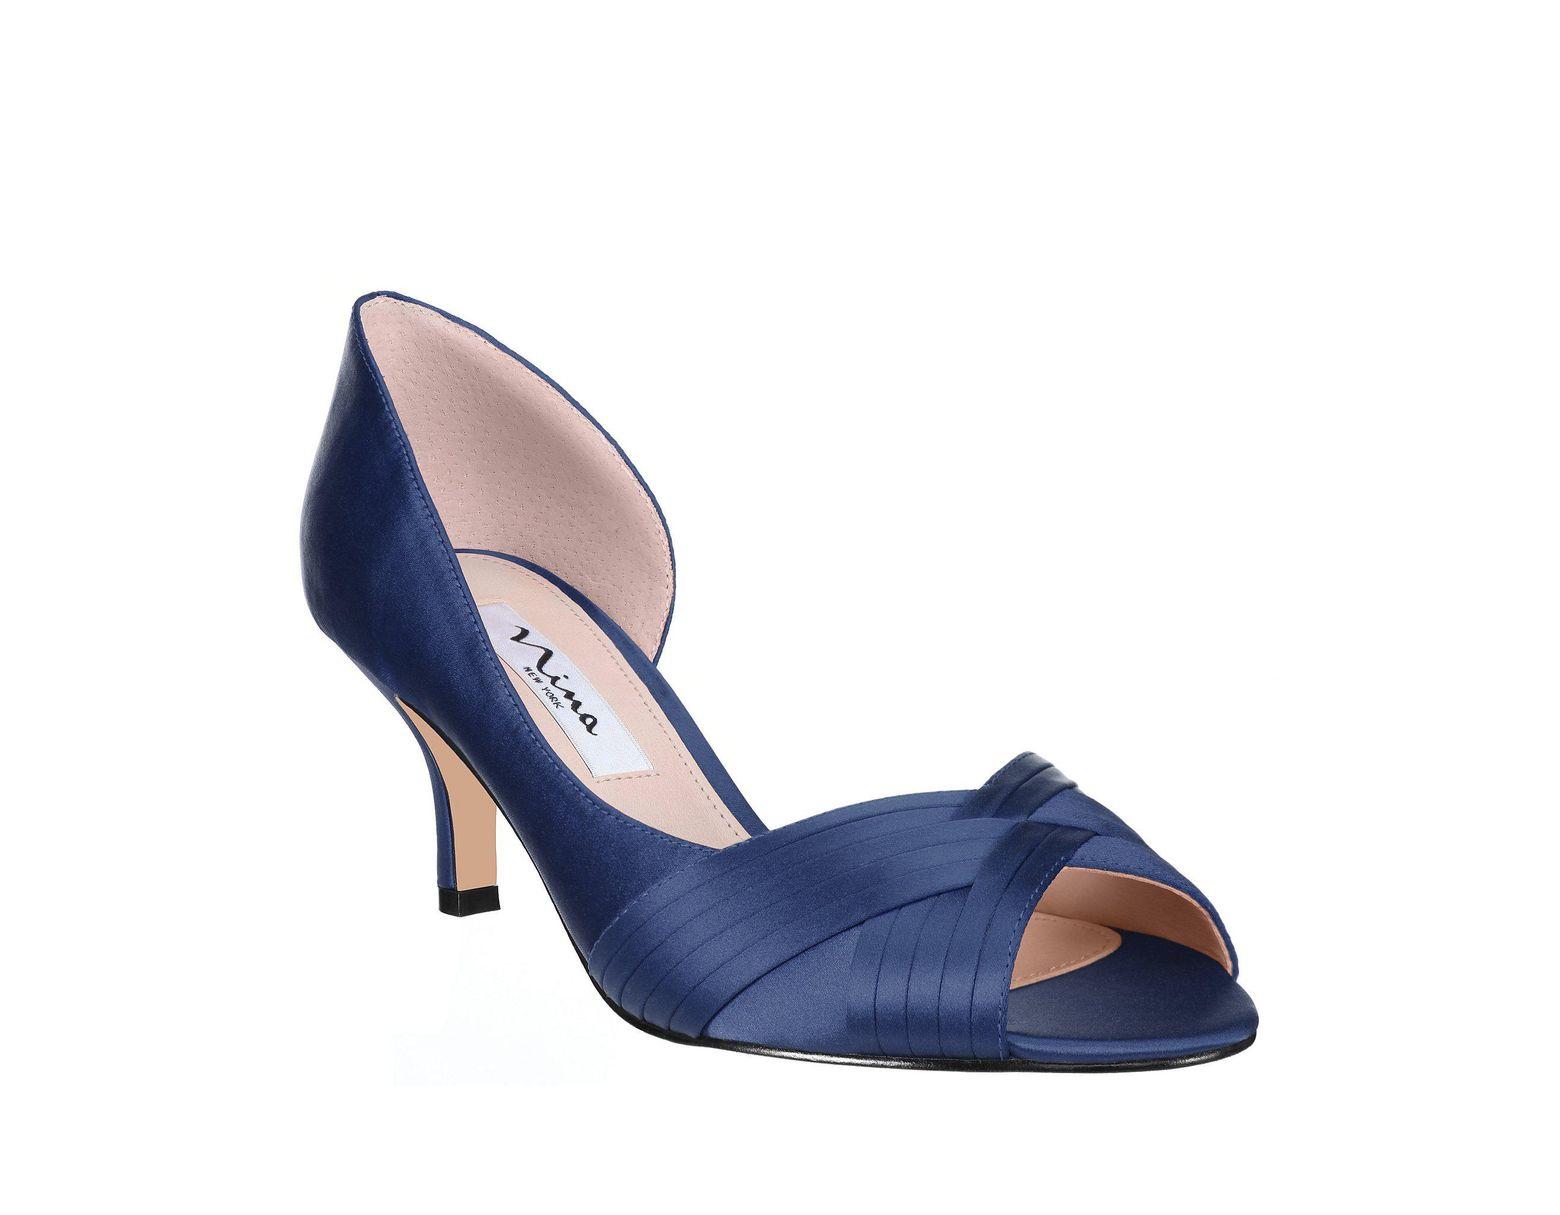 9c54a246f54 Women's Contesa Satin D'orsay Peep-toe Pumps